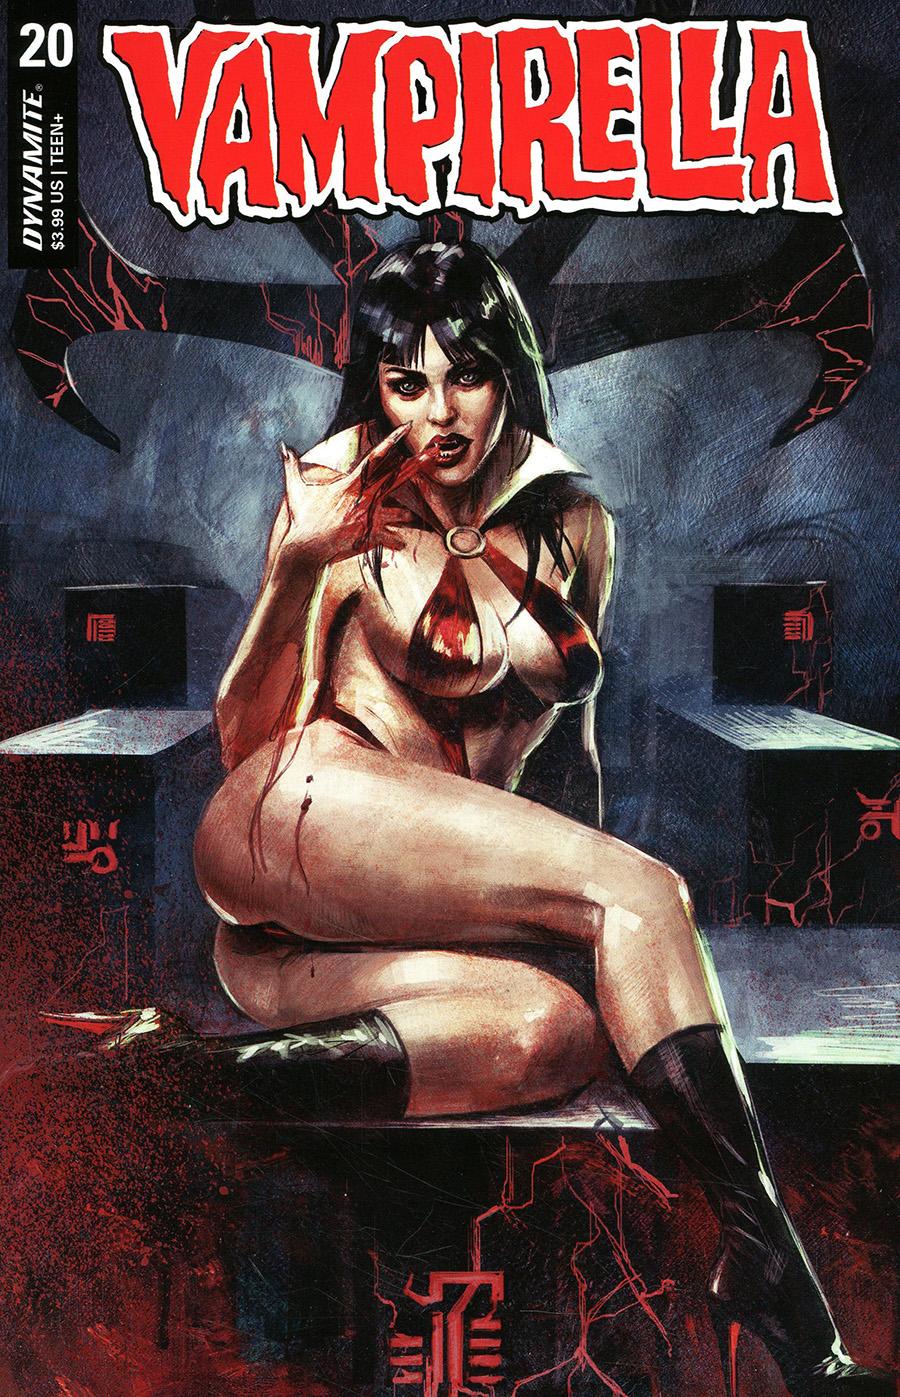 Vampirella Vol 8 #20 Cover B Variant Marco Mastrazzo Cover